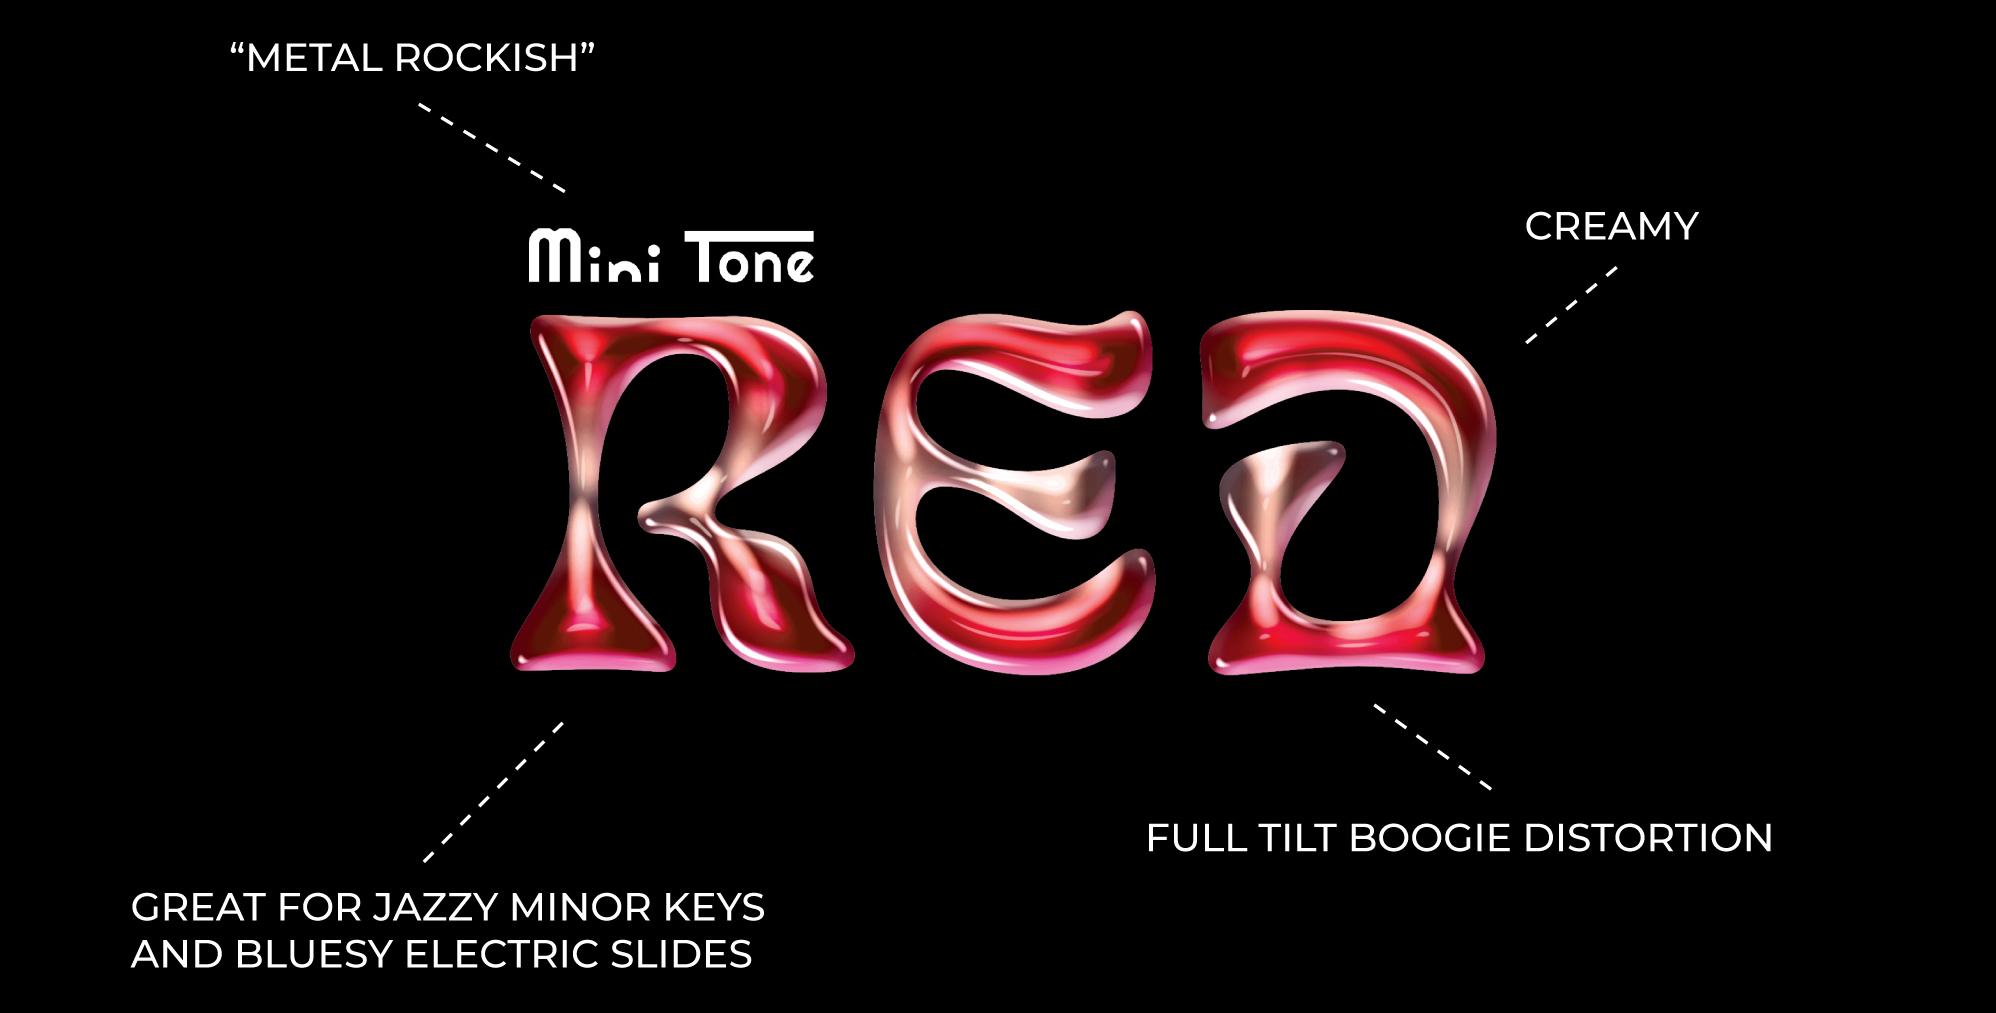 minitone-red-2-1